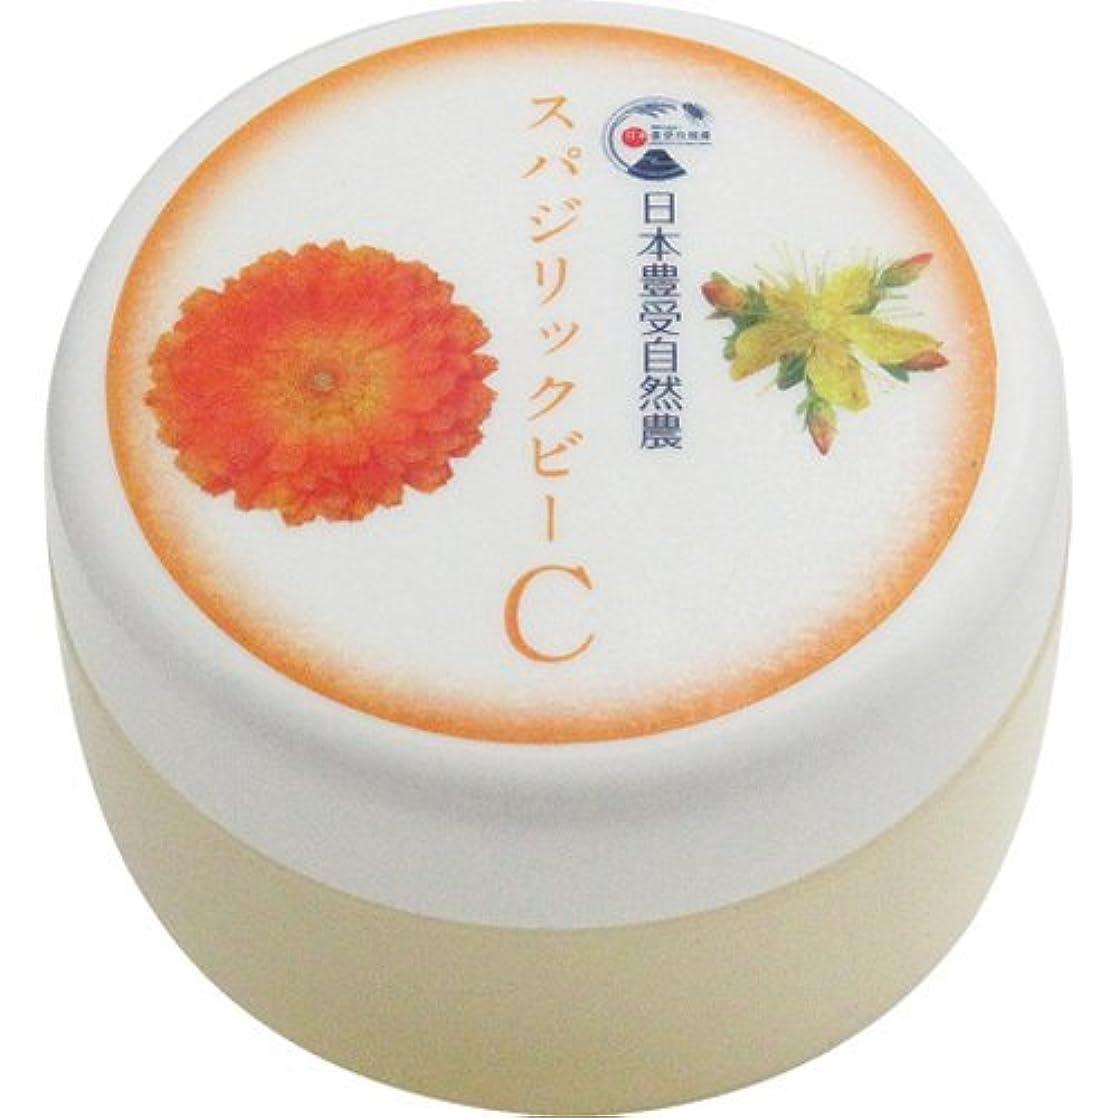 ペア不安定な談話日本豊受自然農 スパジリック ビーC(小) 10g